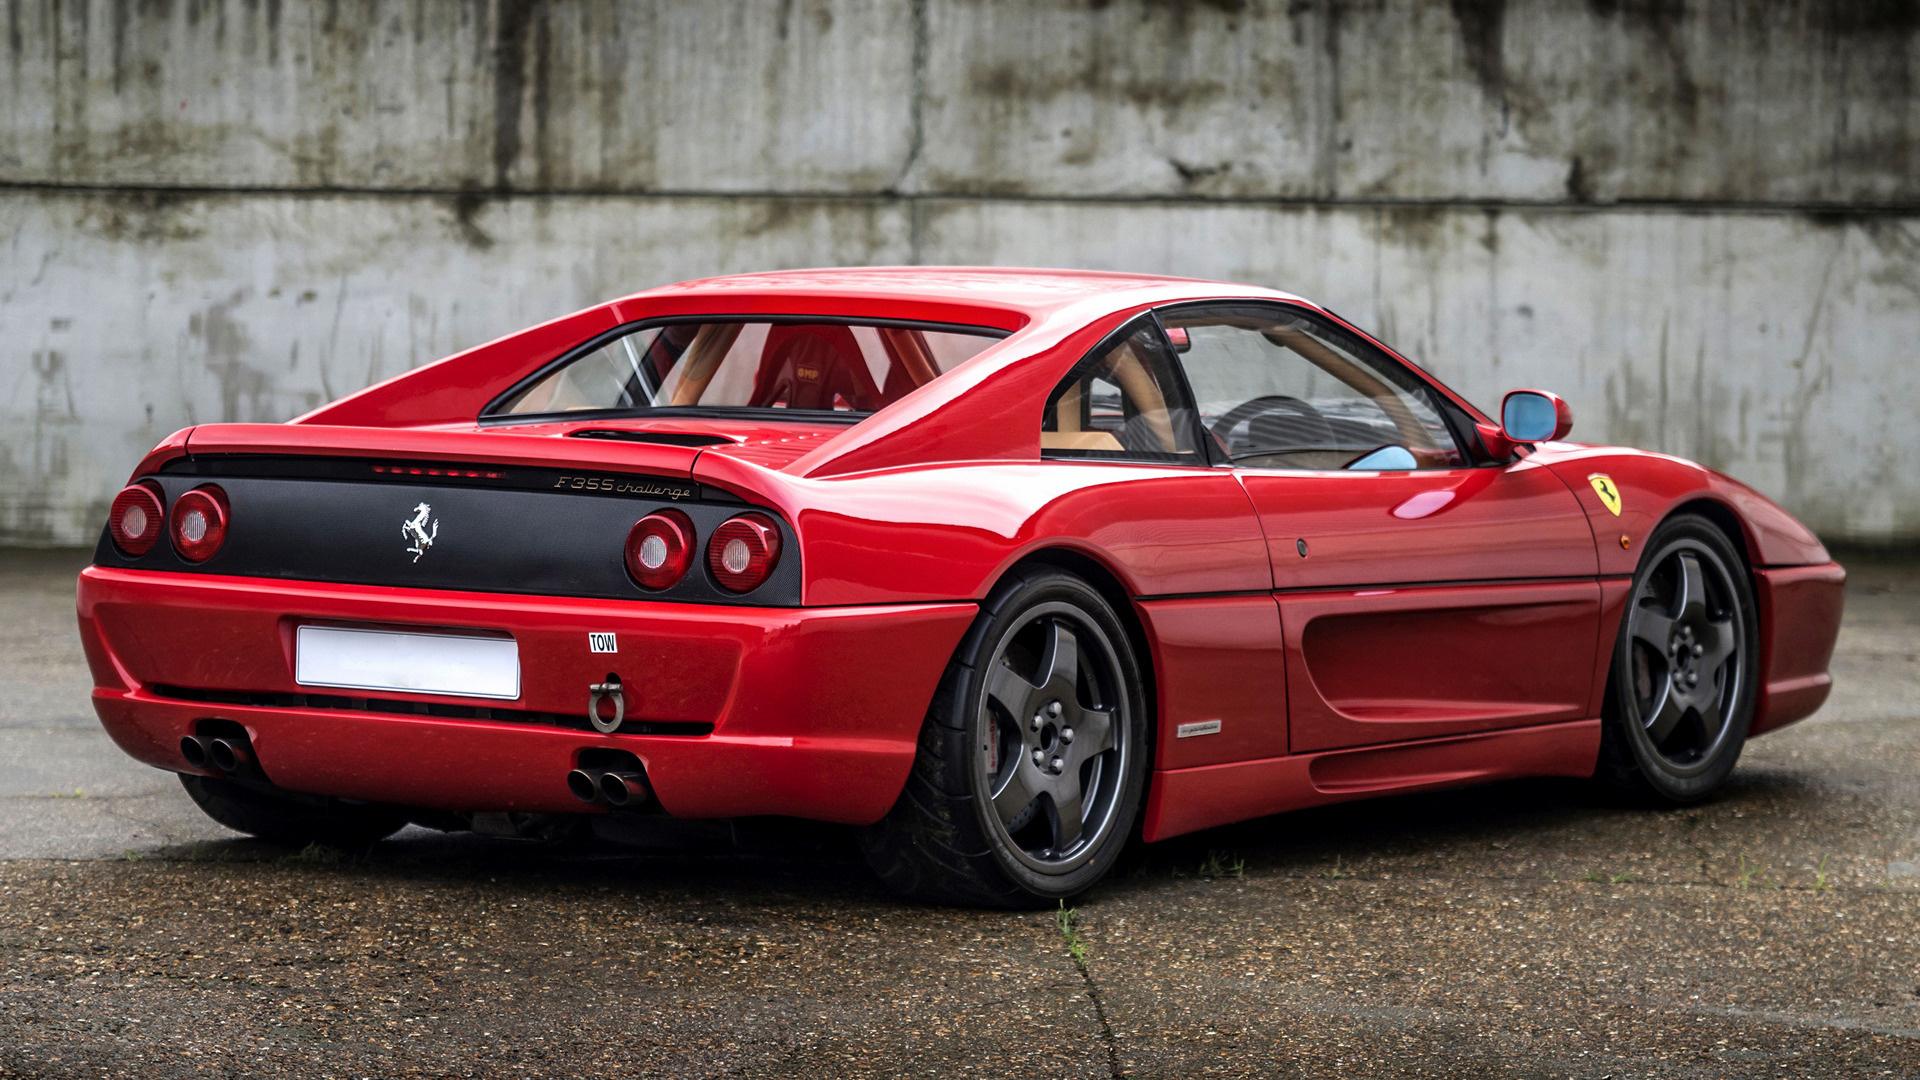 1995 Ferrari F355 Challenge Rhd Hintergrundbilder Und Wallpaper In Hd Car Pixel